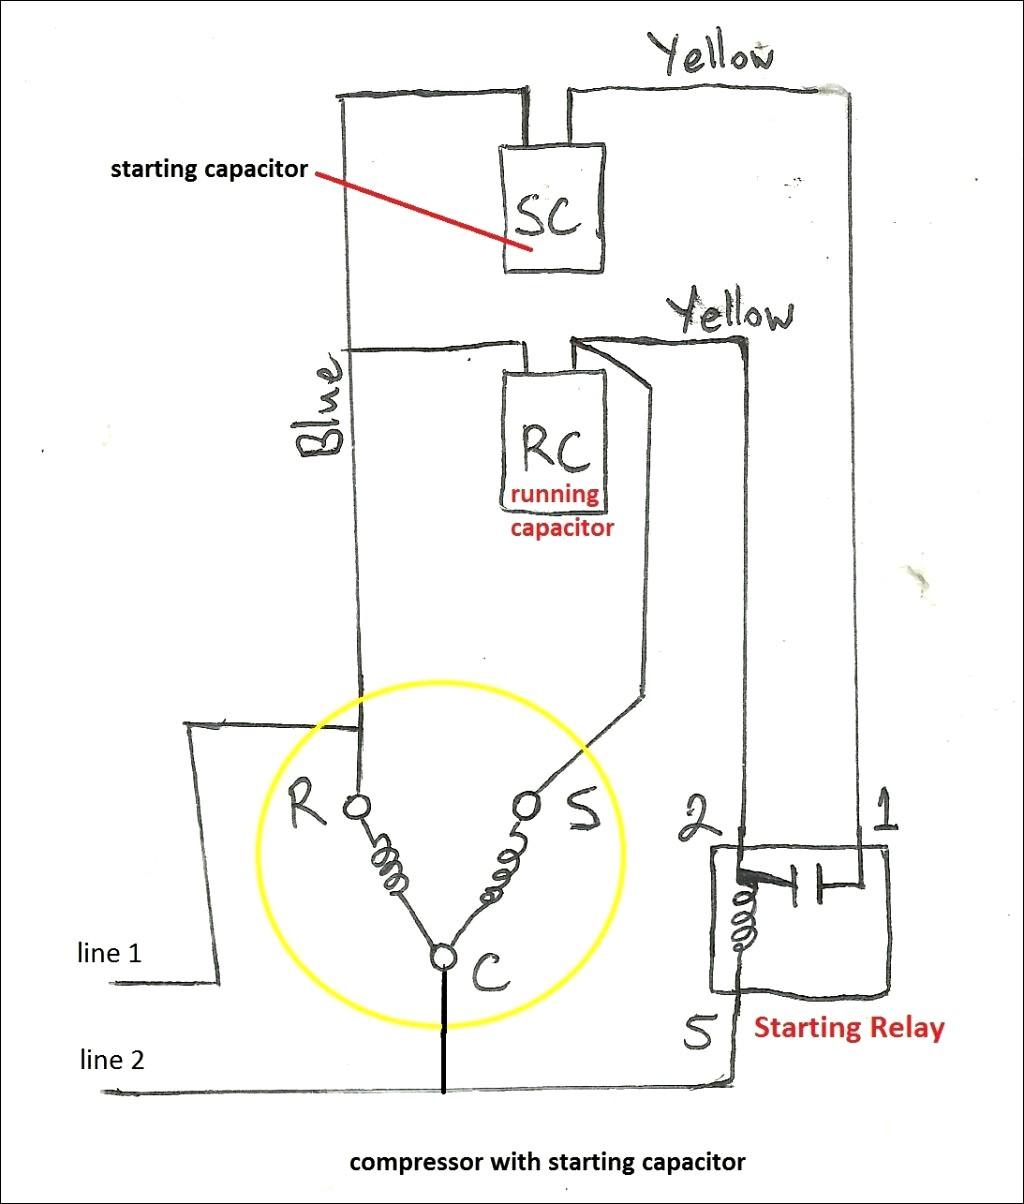 baldor motors wiring diagram run capacitor wiring diagram inspirational baldor grinder wiringgram of baldor motors wiring diagram